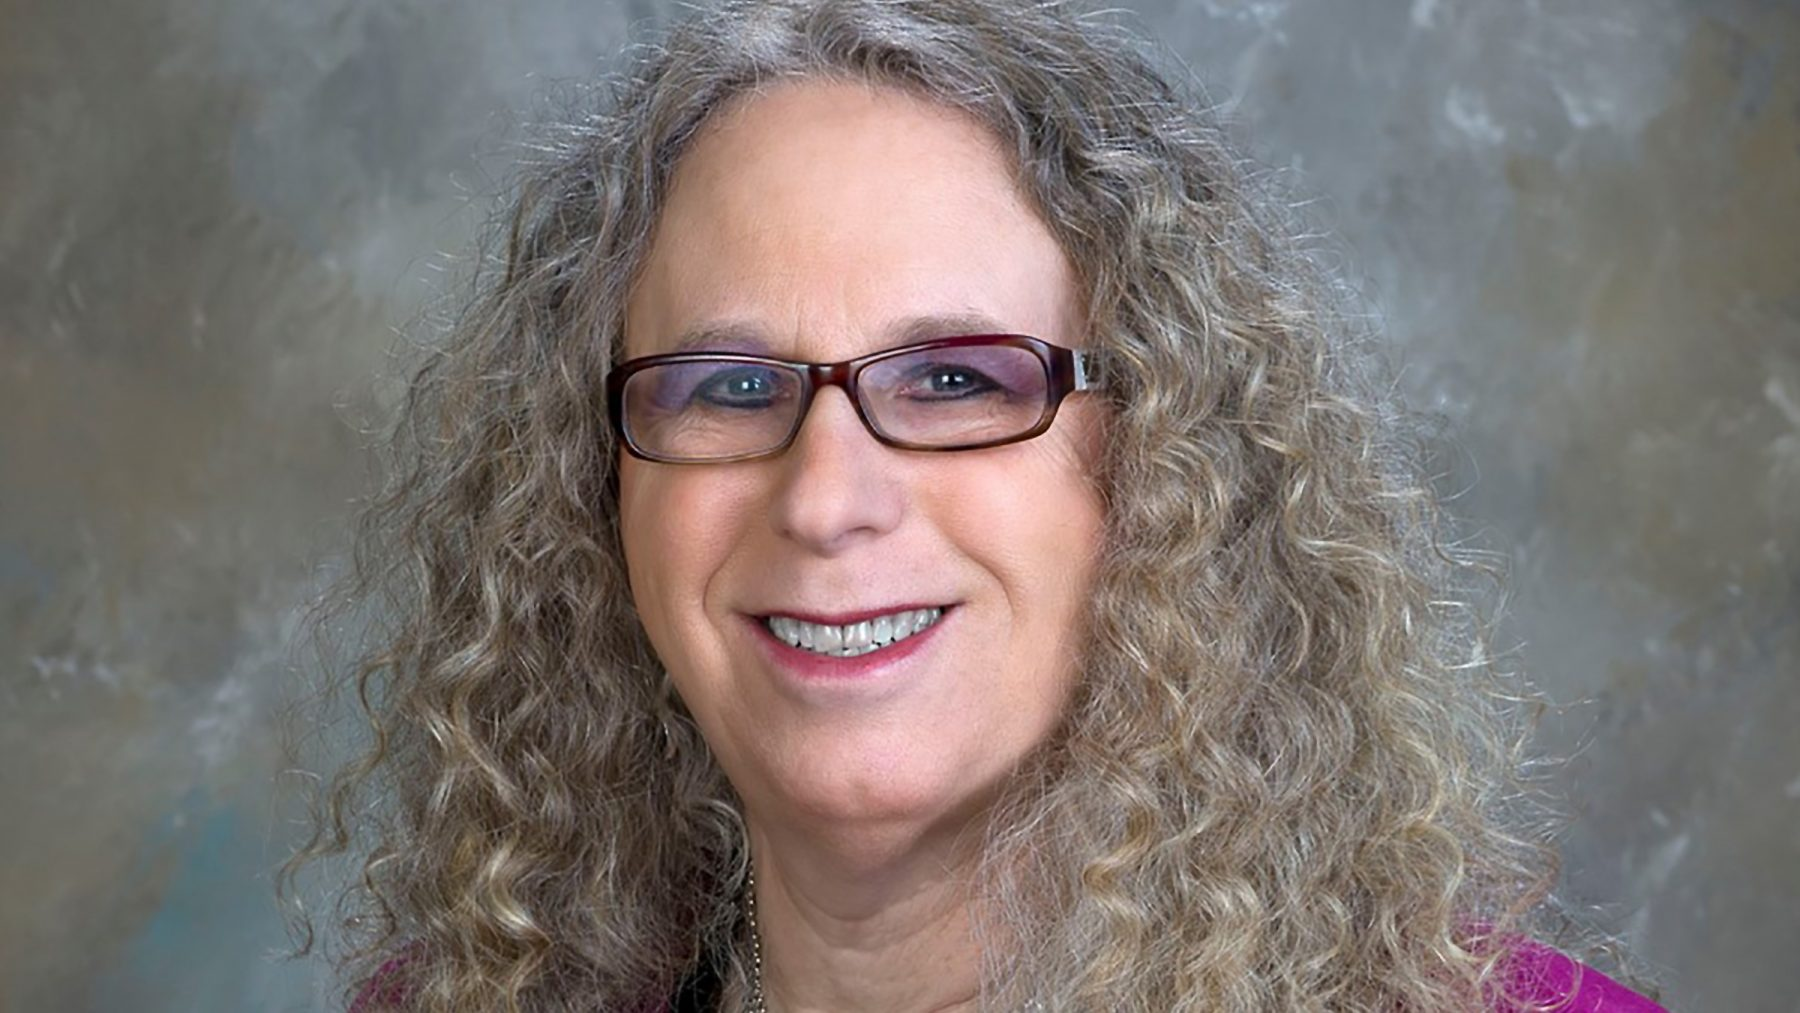 Rachel Levine is de eerste transvrouw in een Amerikaans kabinet